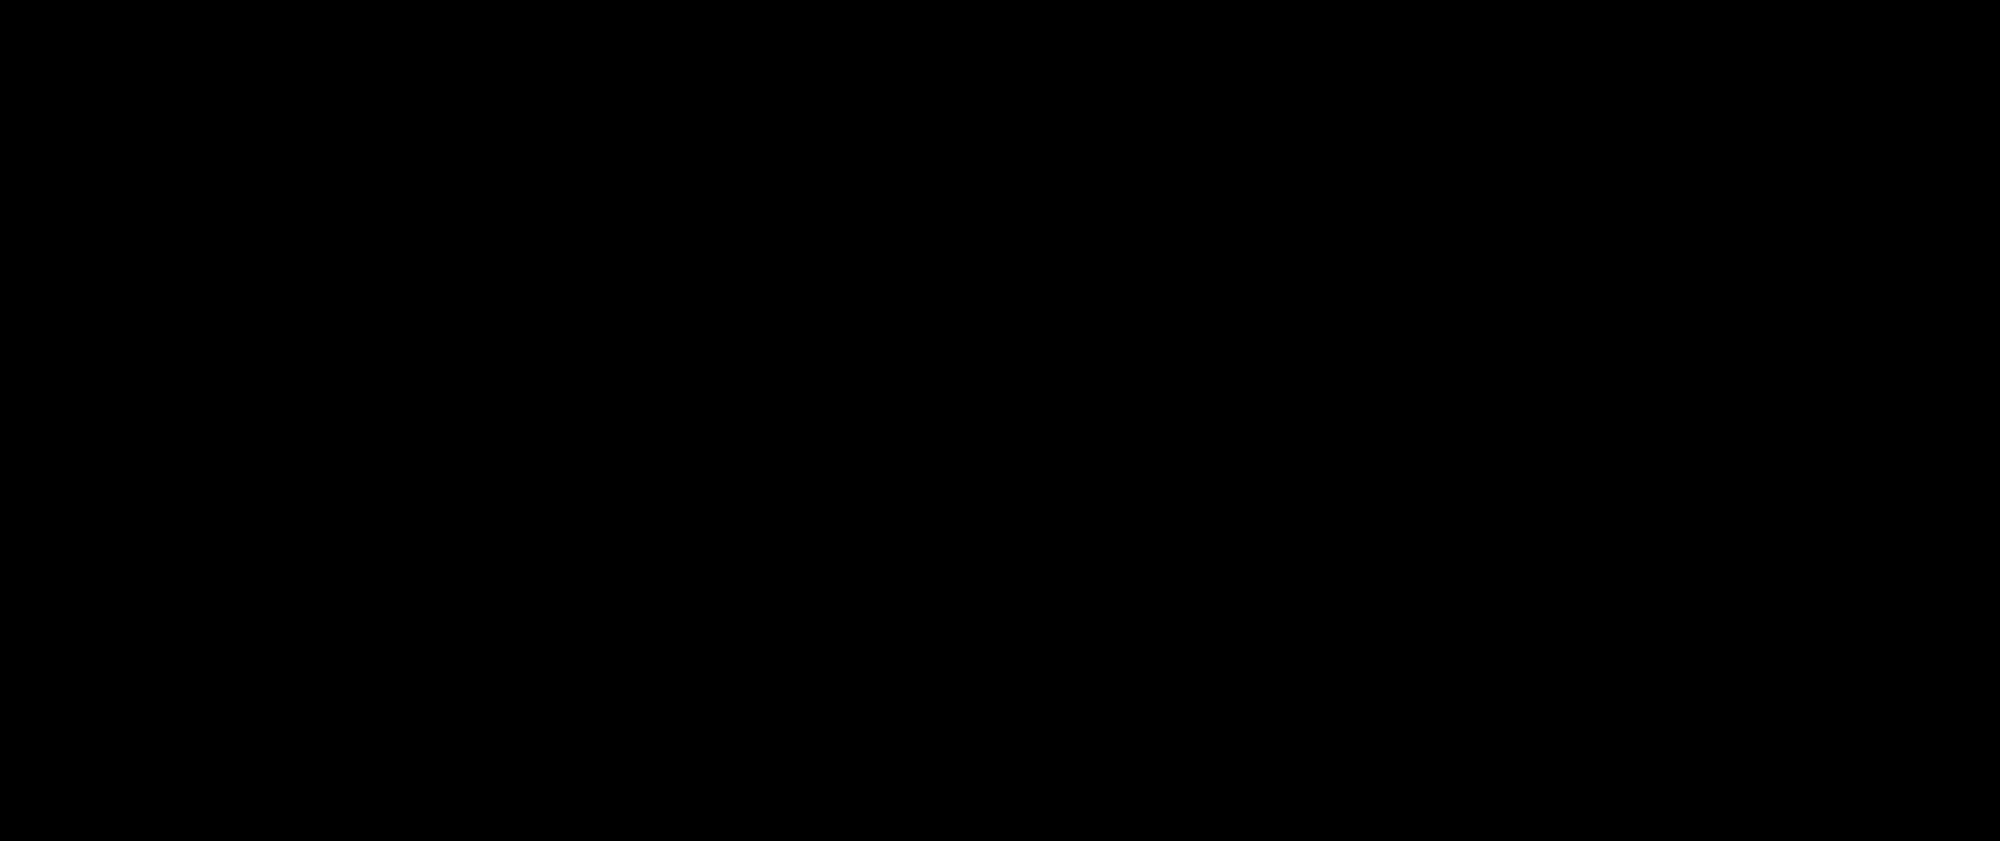 89B2EC67-A343-43B7-97D8-3E79612C4D65-9345-000008B64C9363C2.PNG